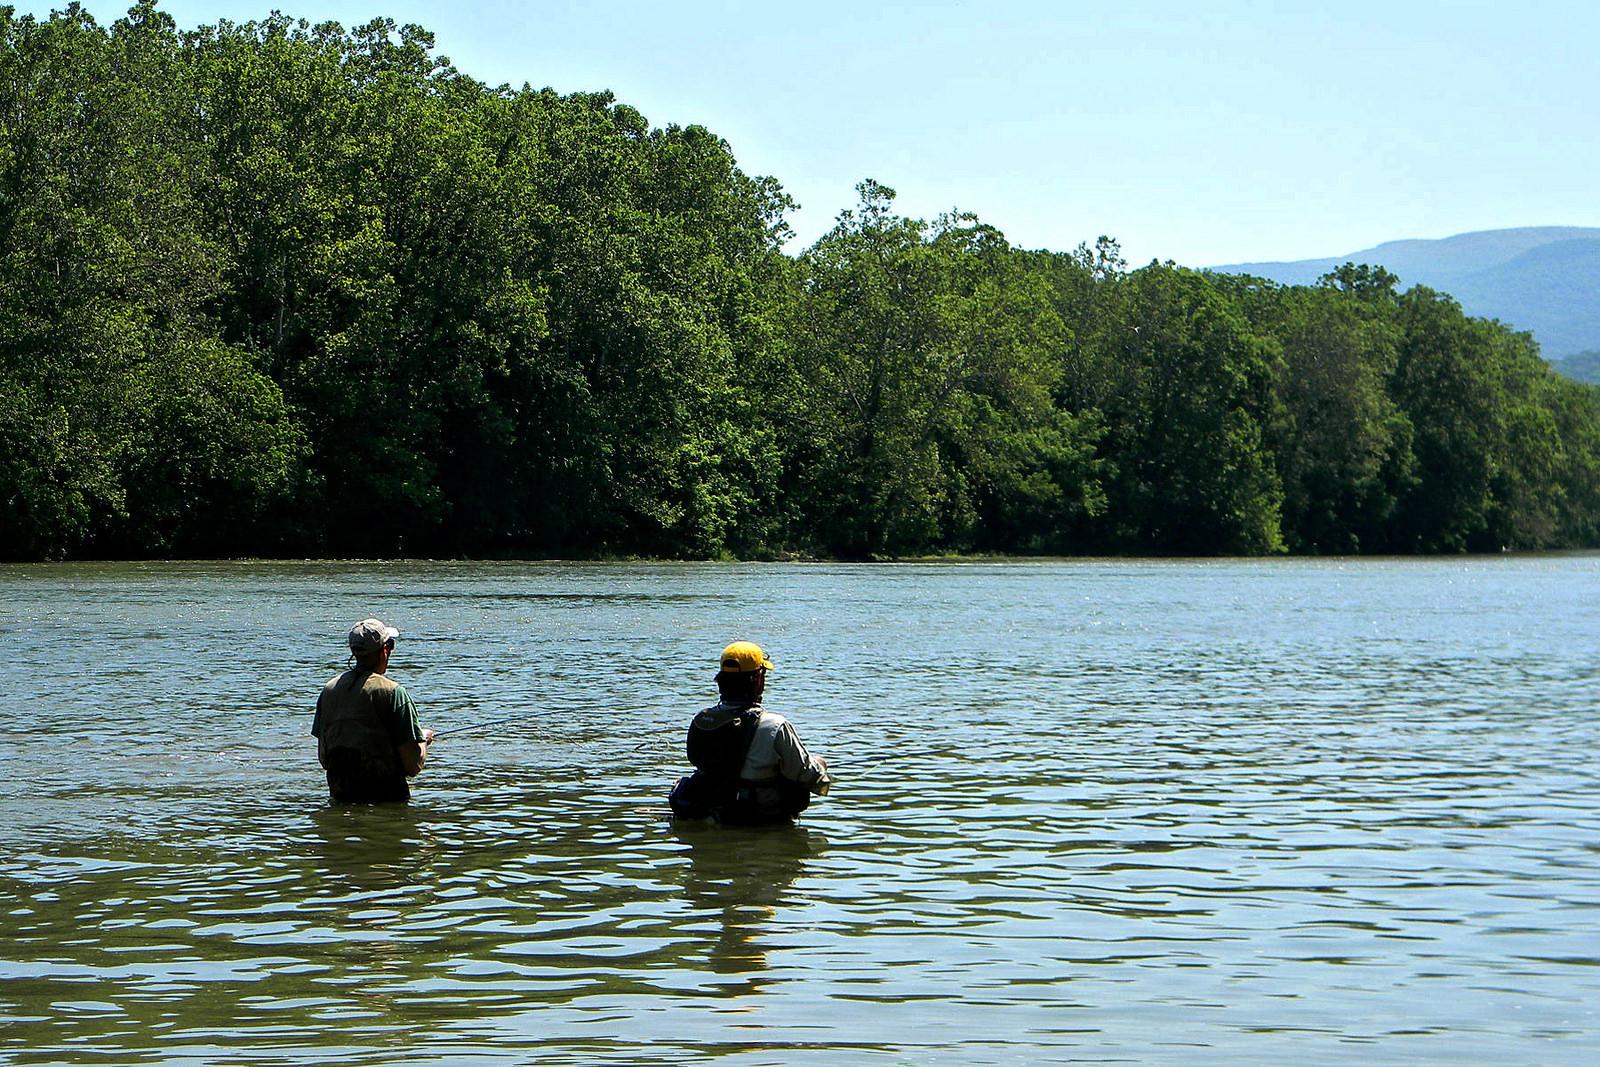 【川の水質汚染】 NZの川の50%が基準値超との調査結果。汚染の原因は!?